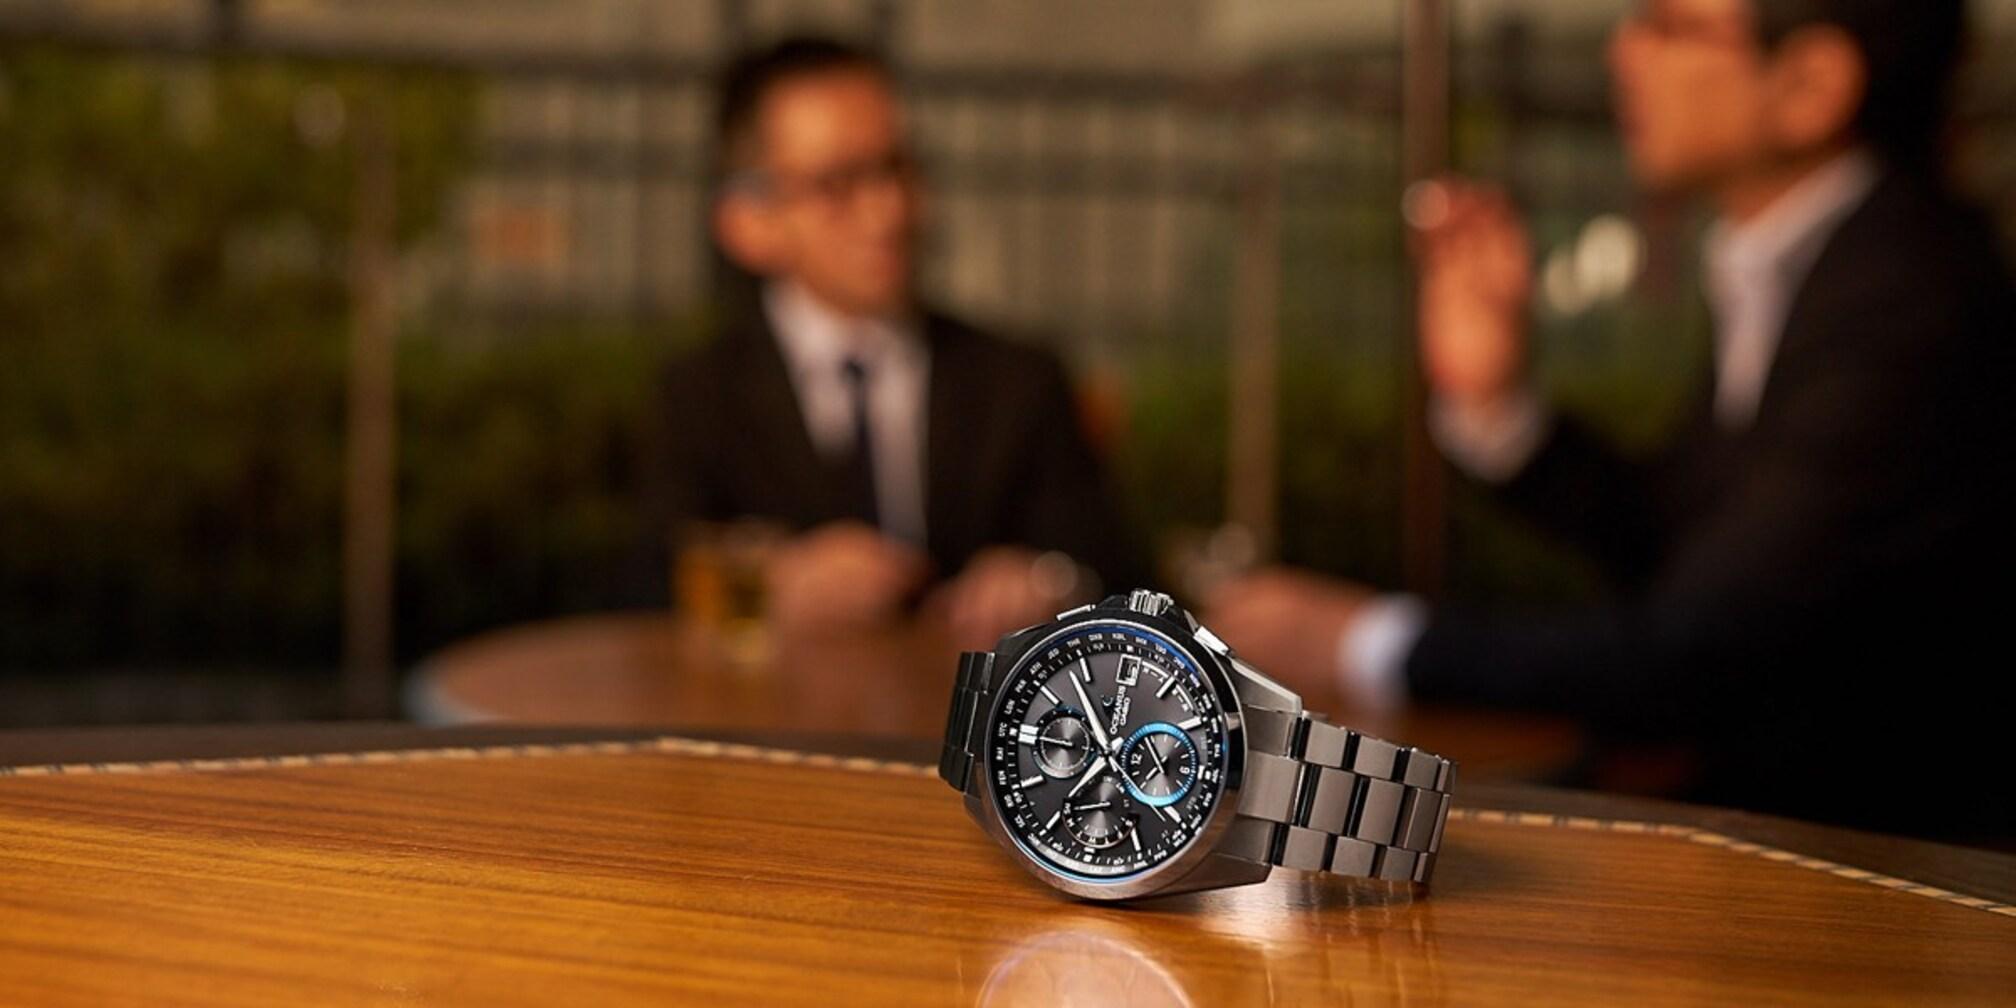 """なぜカシオ「OCEANUS」は売れているのか? """"10万円台最強時計"""" の真価に迫る"""